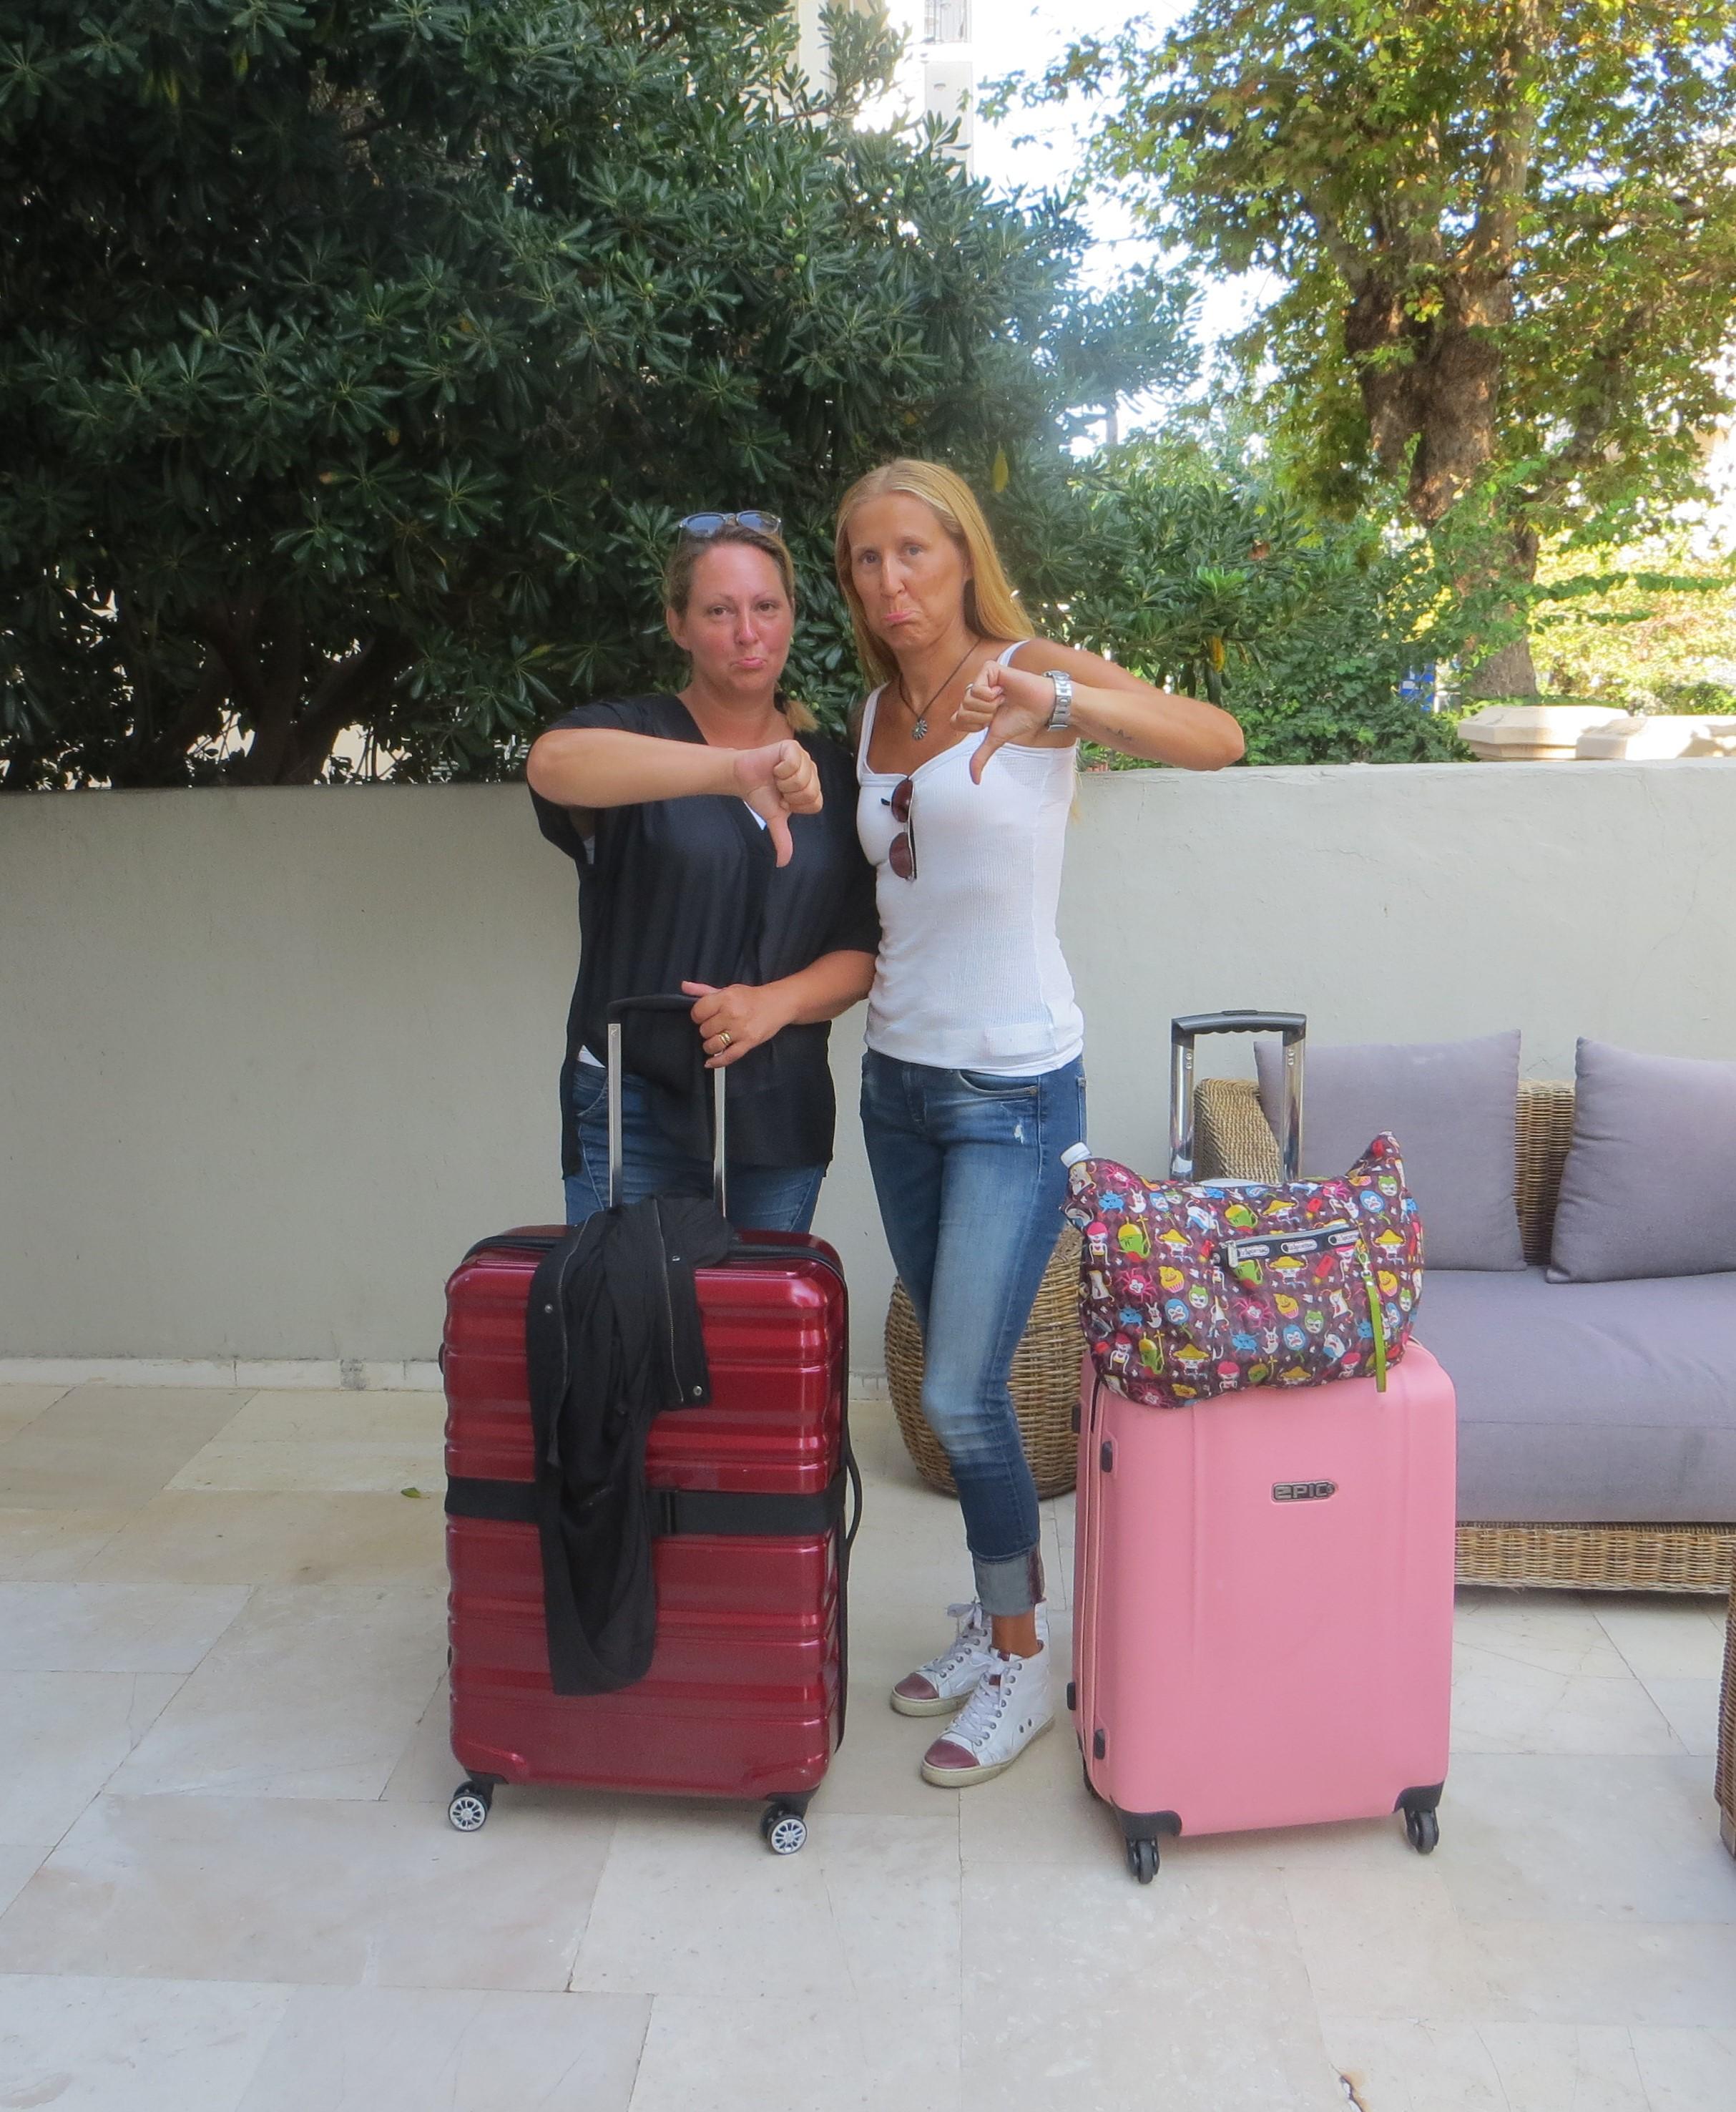 Ses snart igen hoppas jag.. Eller åtminstone nästa år ! Med samma rosa  väska och samma härliga sällskap! 1313d9be6ce7c